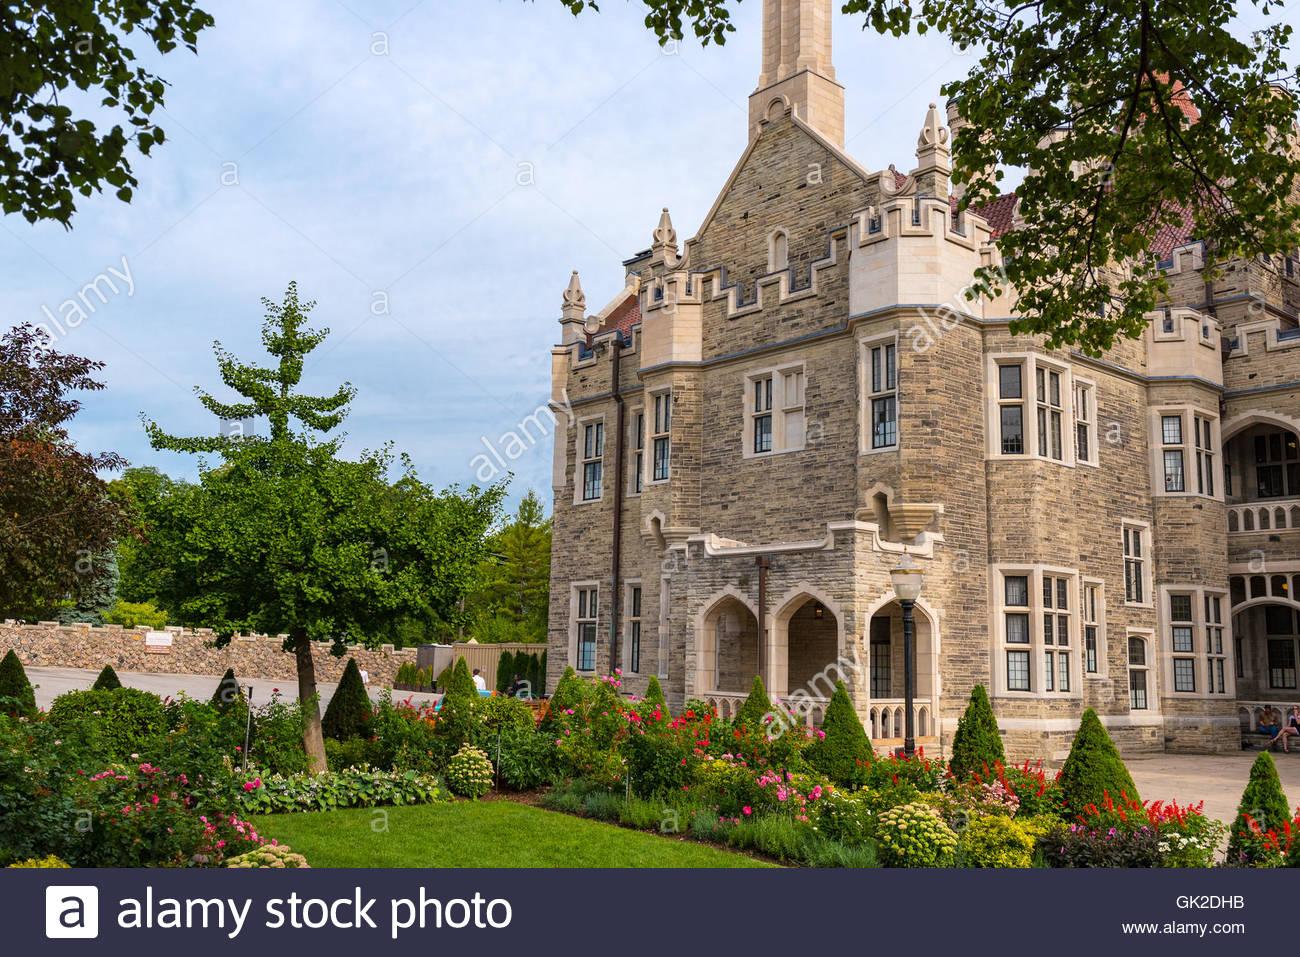 Casa Loma: Vintage hermoso castillo arquitectura diseño exterior. La mansión es uno de los monumentos Imagen De Stock